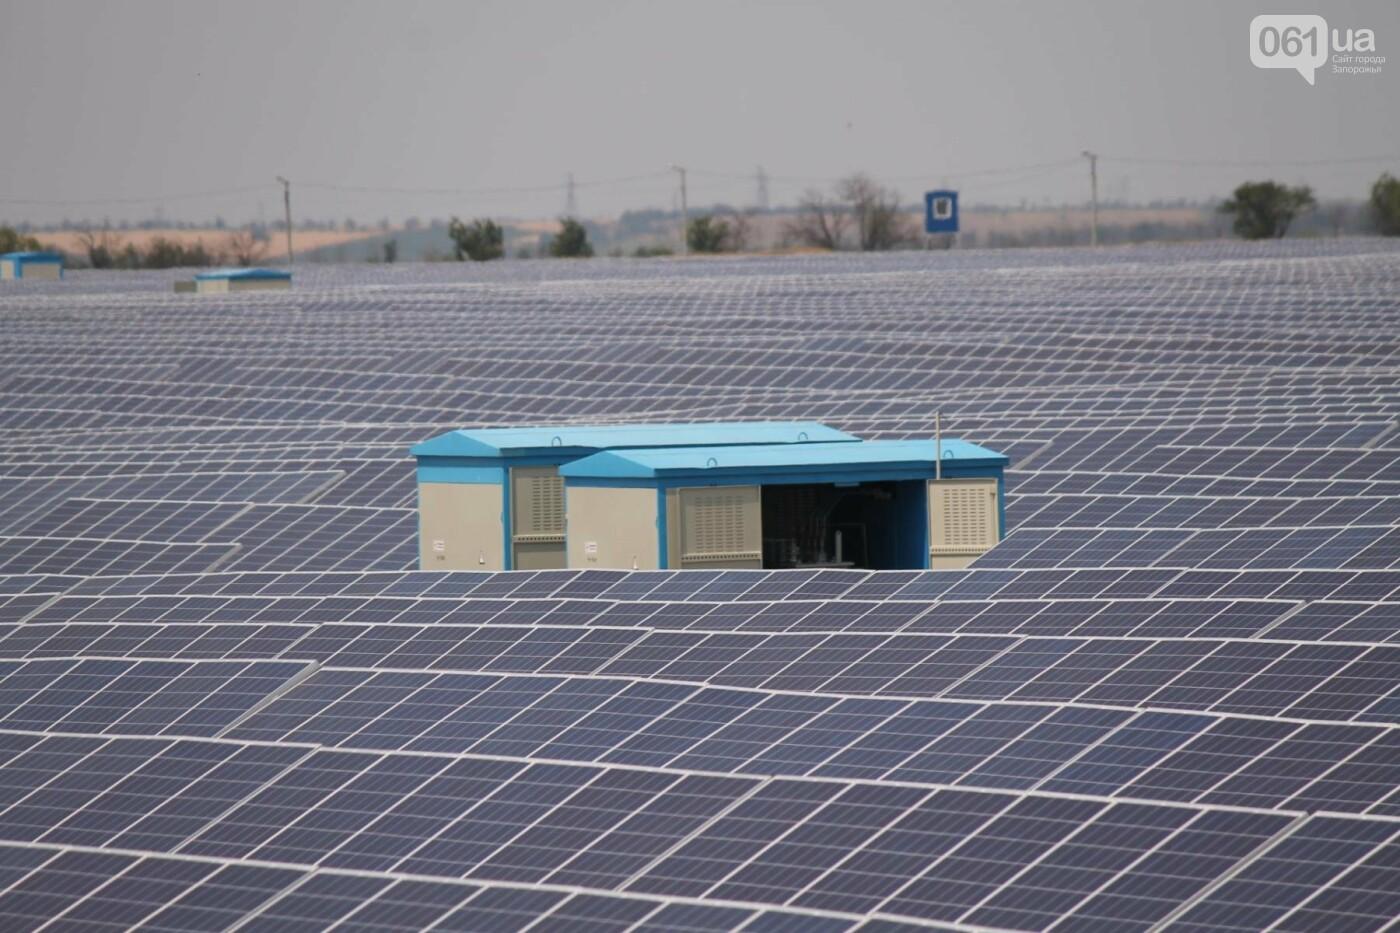 Как в Запорожской области работает крупнейшая в Украине солнечная станция: экскурсия на производство, — ФОТОРЕПОРТАЖ, фото-22